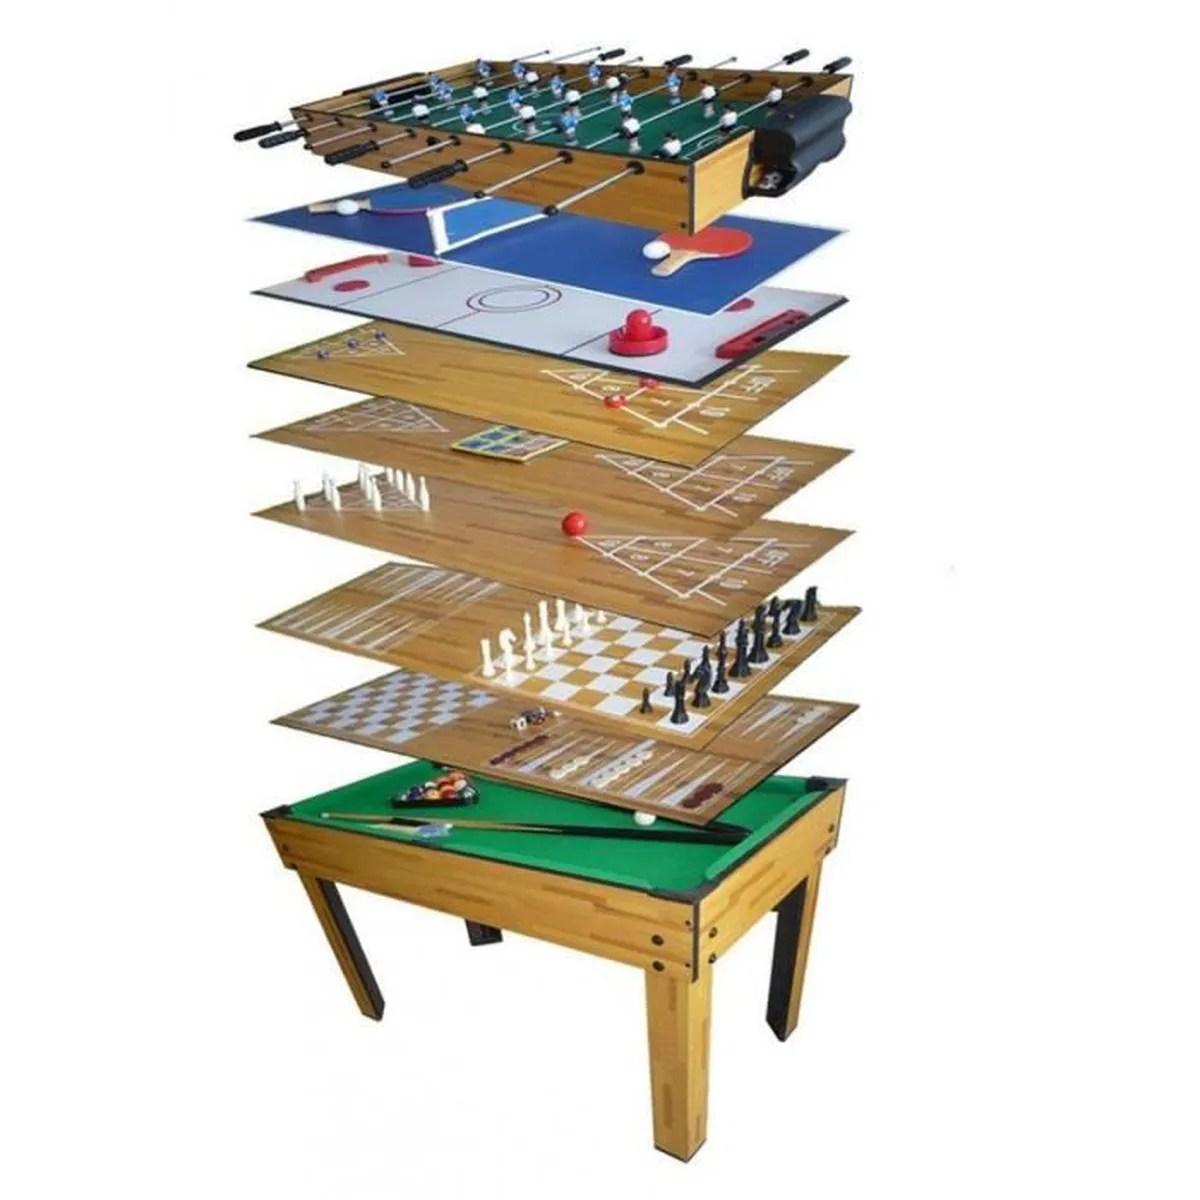 Table Salle De Jeux 10 En 1 Billard Baby Foot Ping Pong